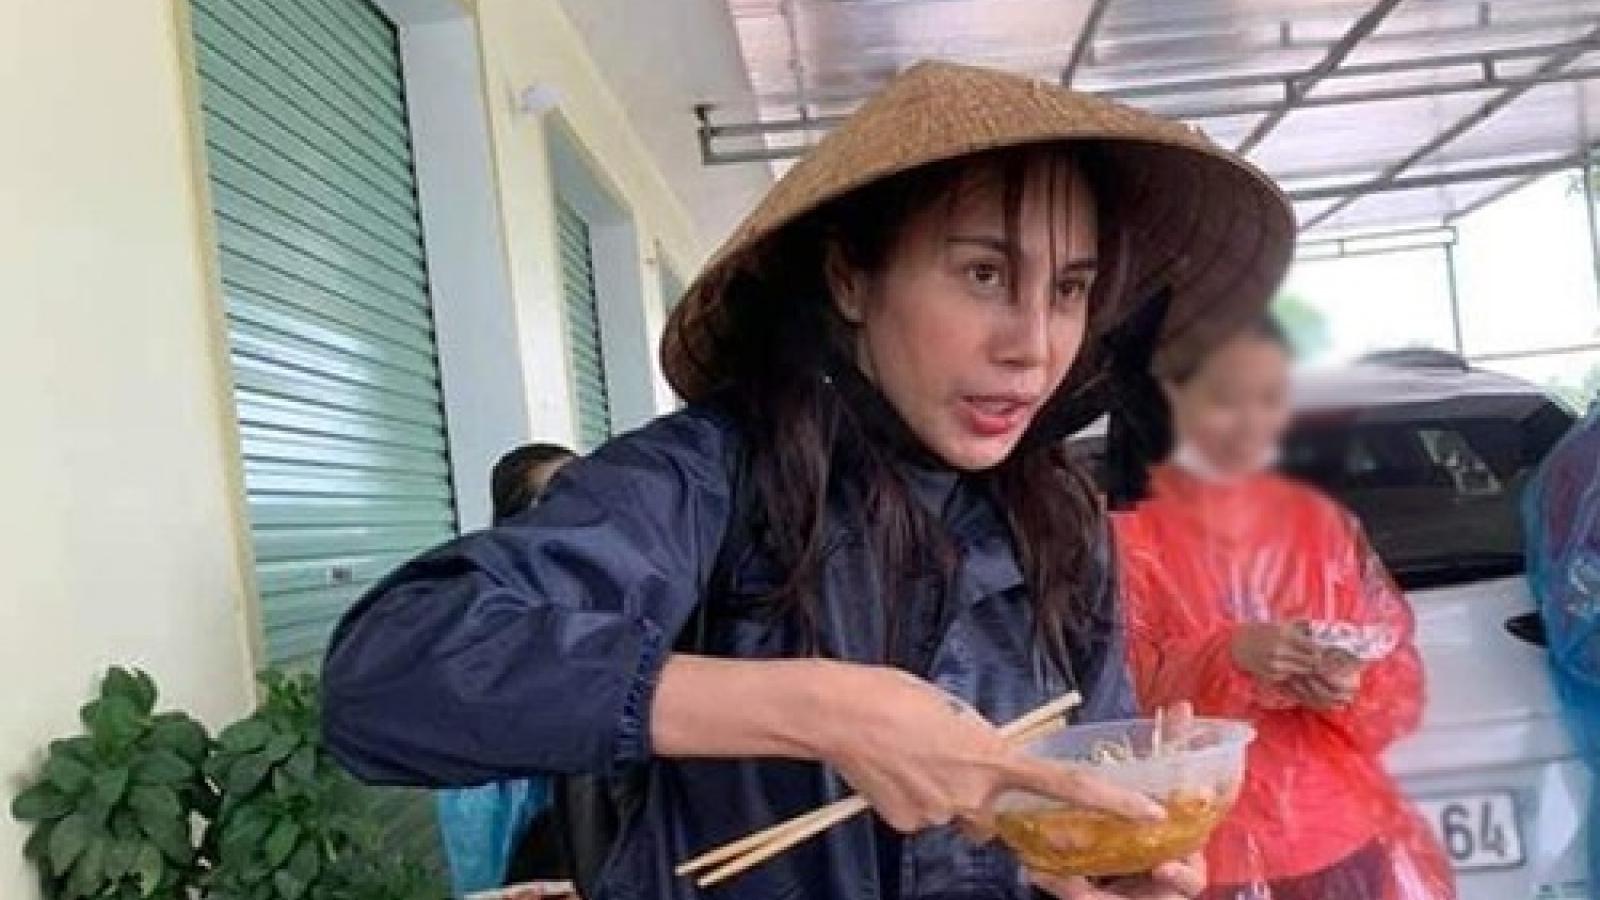 Chuyện showbiz: Thủy Tiên gây xúc động với cảnh ăn vội, tay nhăn nheo khi đi từ thiện